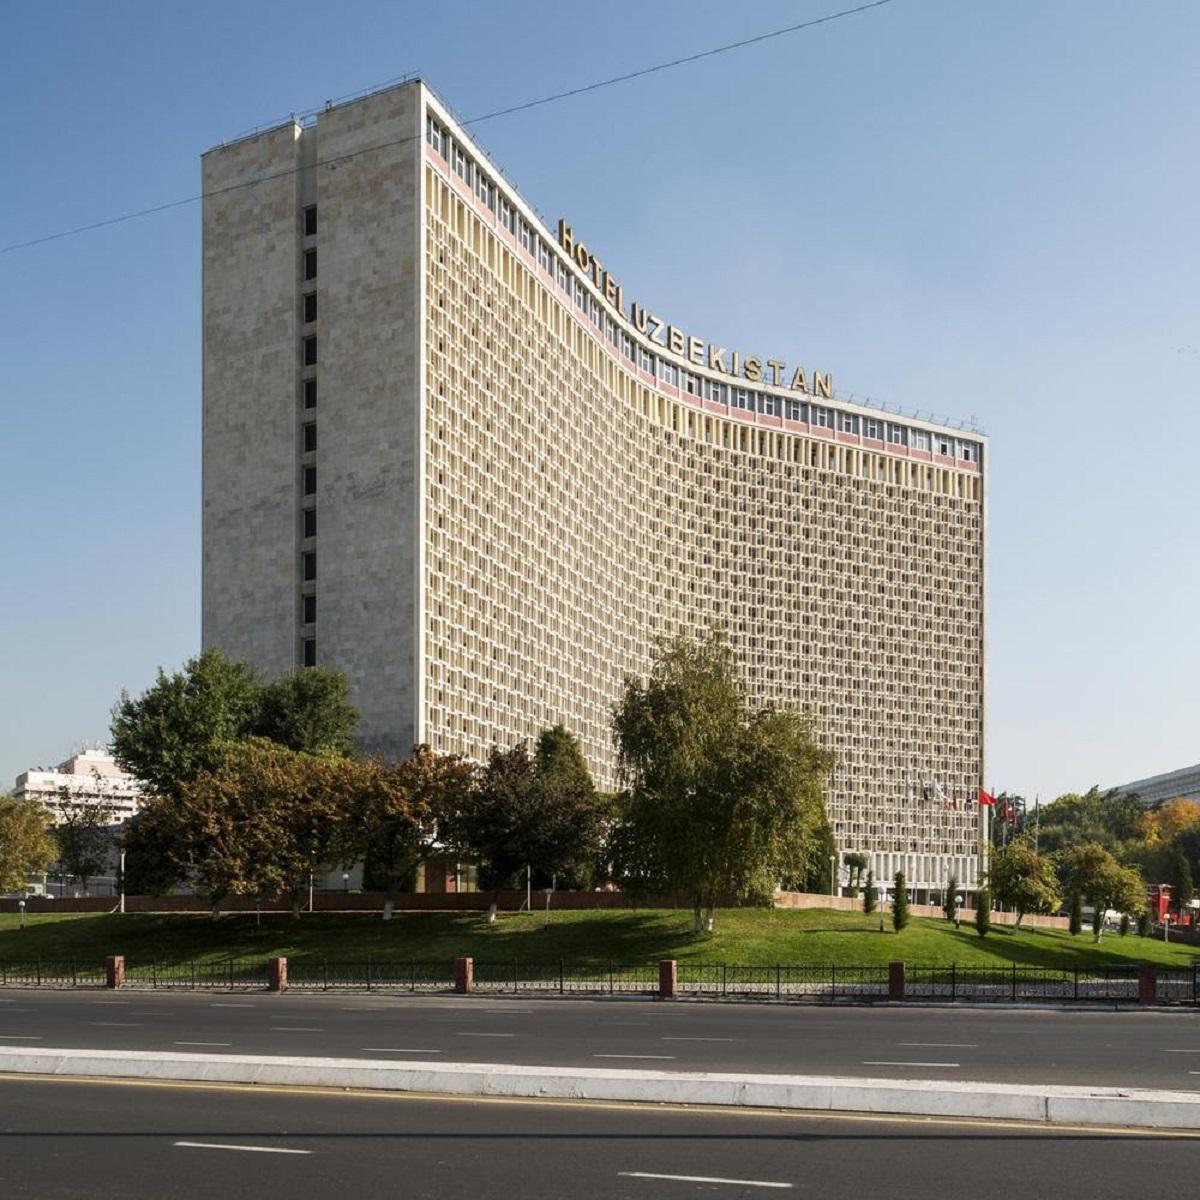 kienviet nhung anh huong phuong dong dinh hinh kien truc lien xo o trung a 10 - Những ảnh hưởng phương Đông định hình kiến trúc Liên Xô ở Trung Á